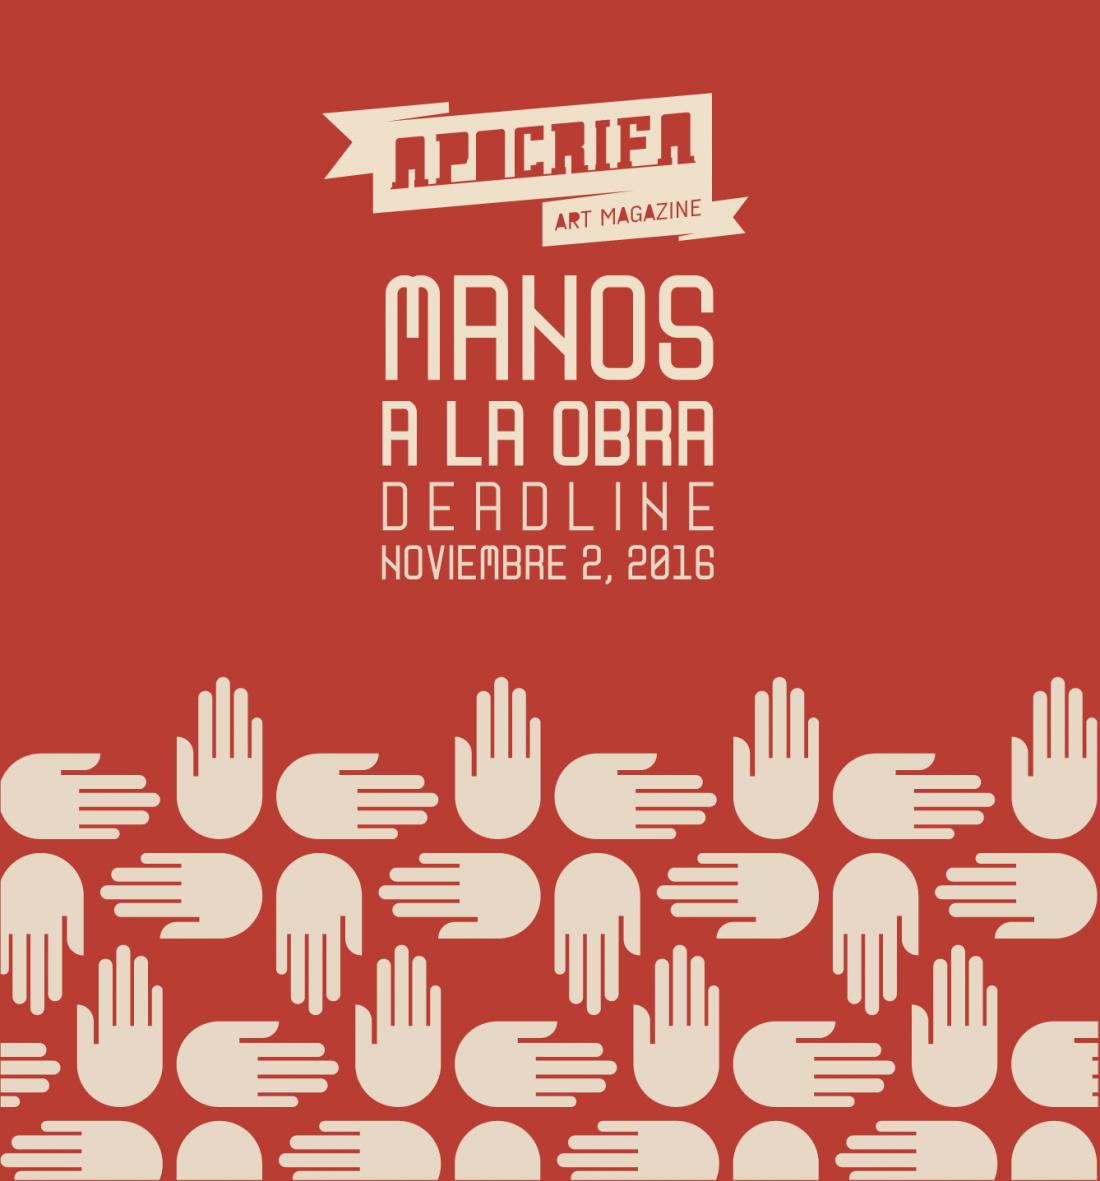 Manos, convocatoria Apócrifa Art Magazine